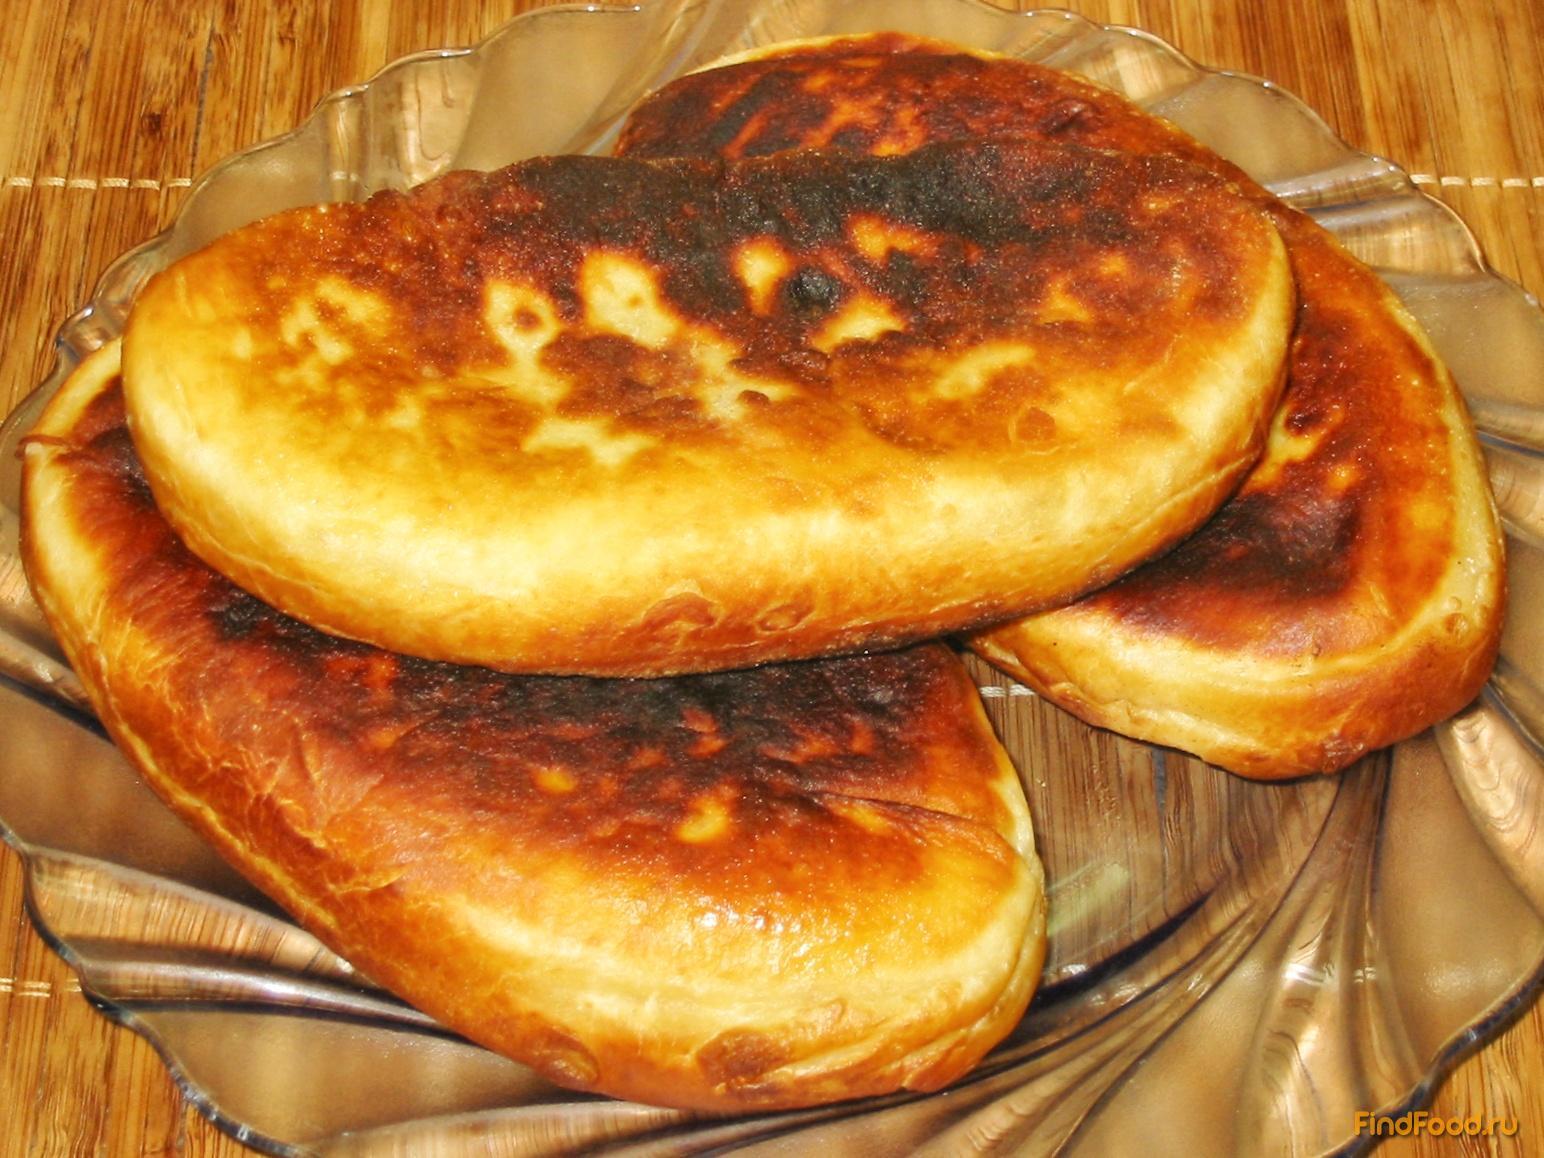 Пирожки жареные на сковороде рецепт пошагово в домашних условиях